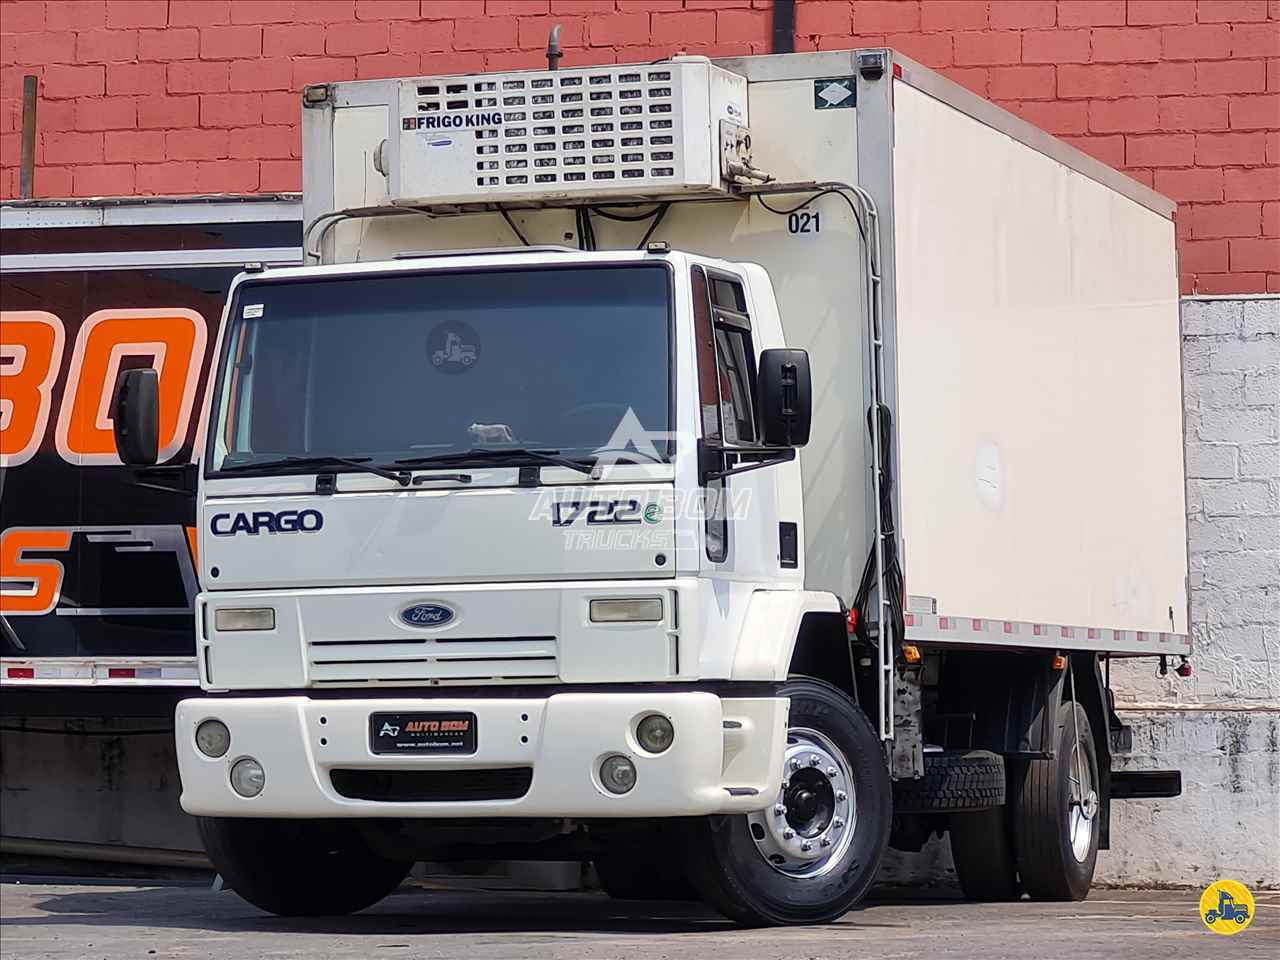 CAMINHAO FORD CARGO 1722 Baú Térmico Toco 4x2 Autobom Trucks CONTAGEM MINAS GERAIS MG